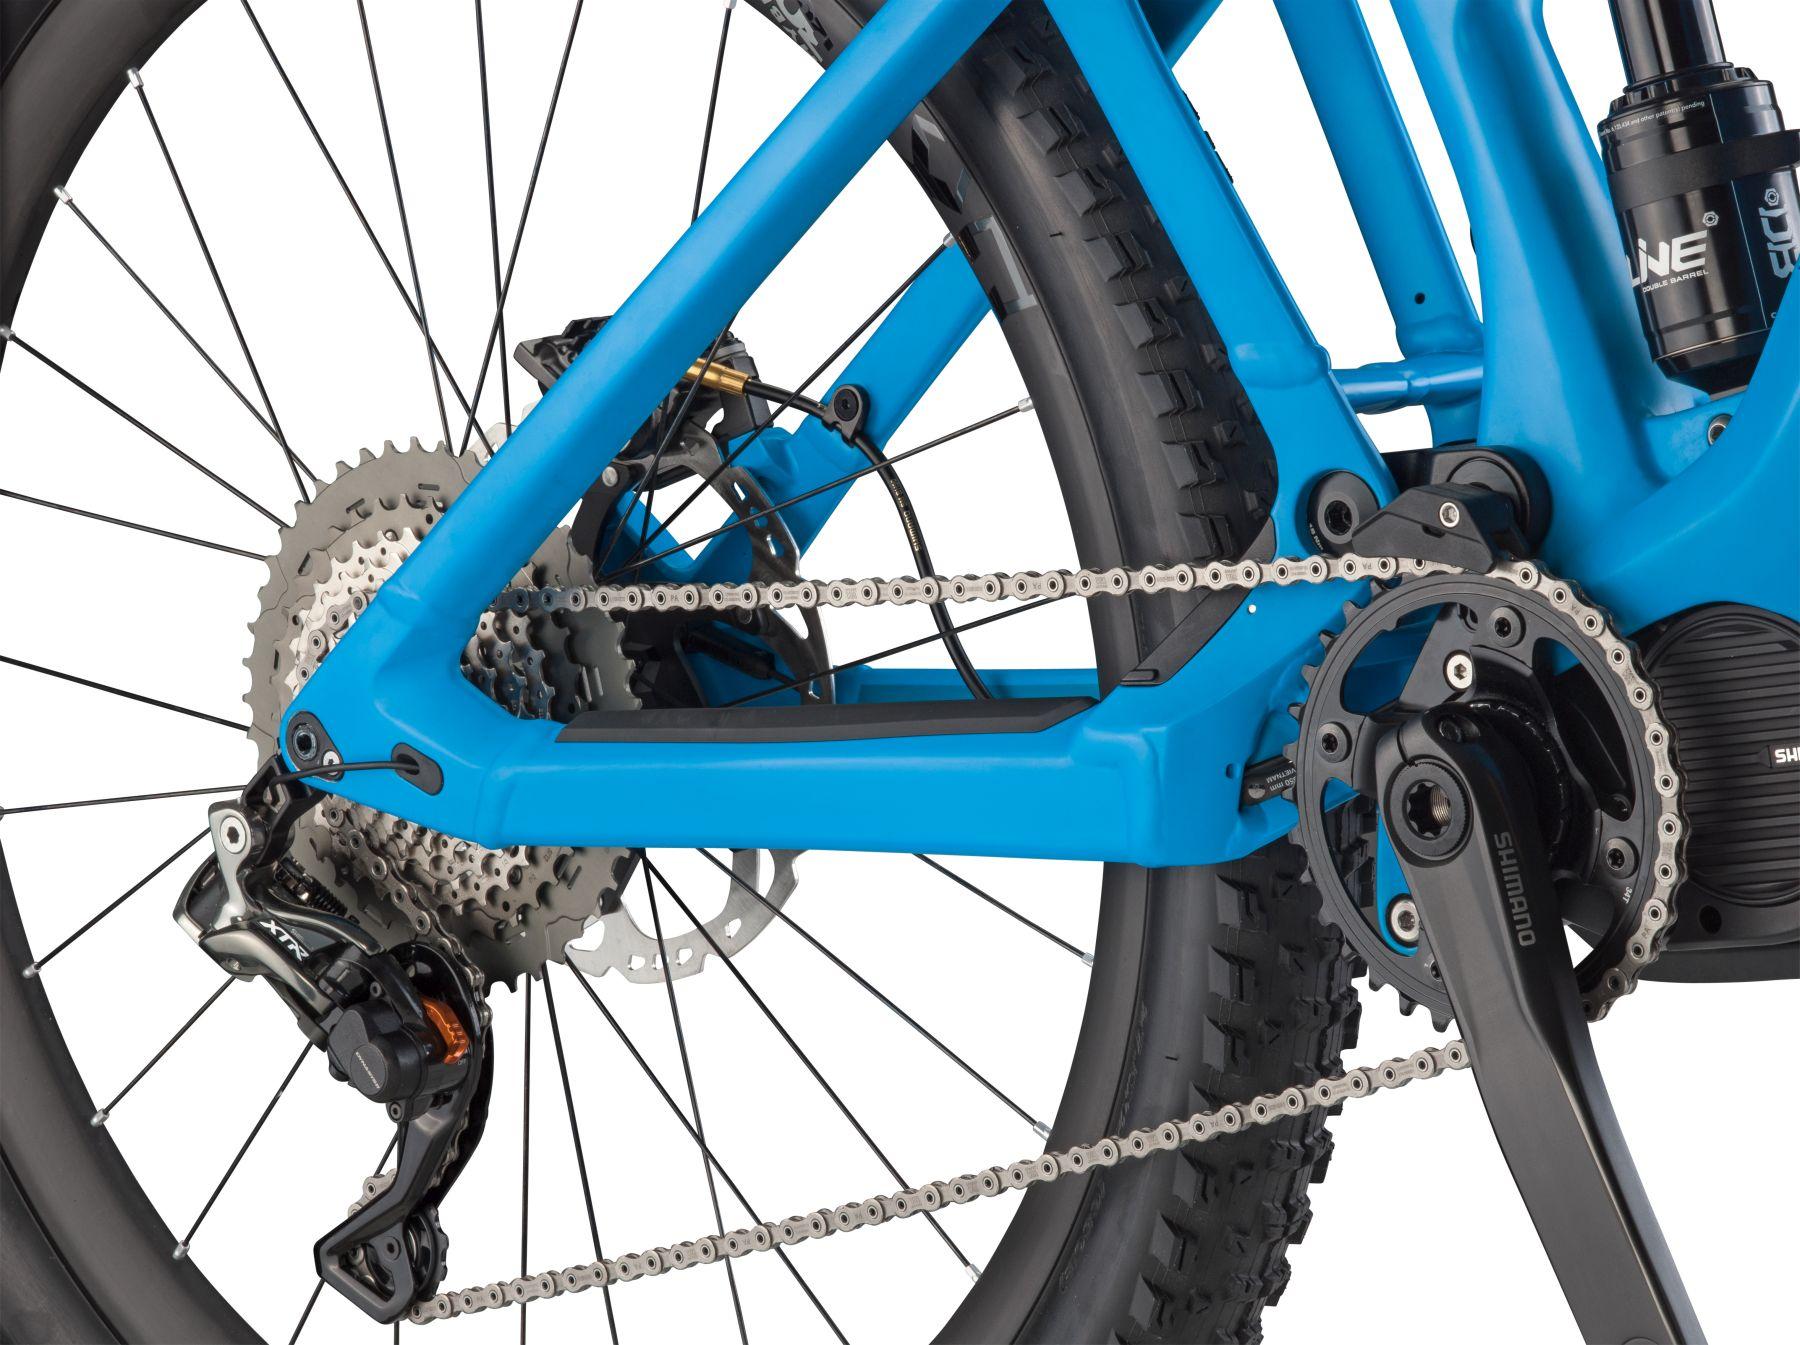 La nueva geometría plasmada en una e-MTB. Vainas cortas, pedalier algo más alto para no tocar con los pedales, ángulo de dirección más relajado y reach más largo